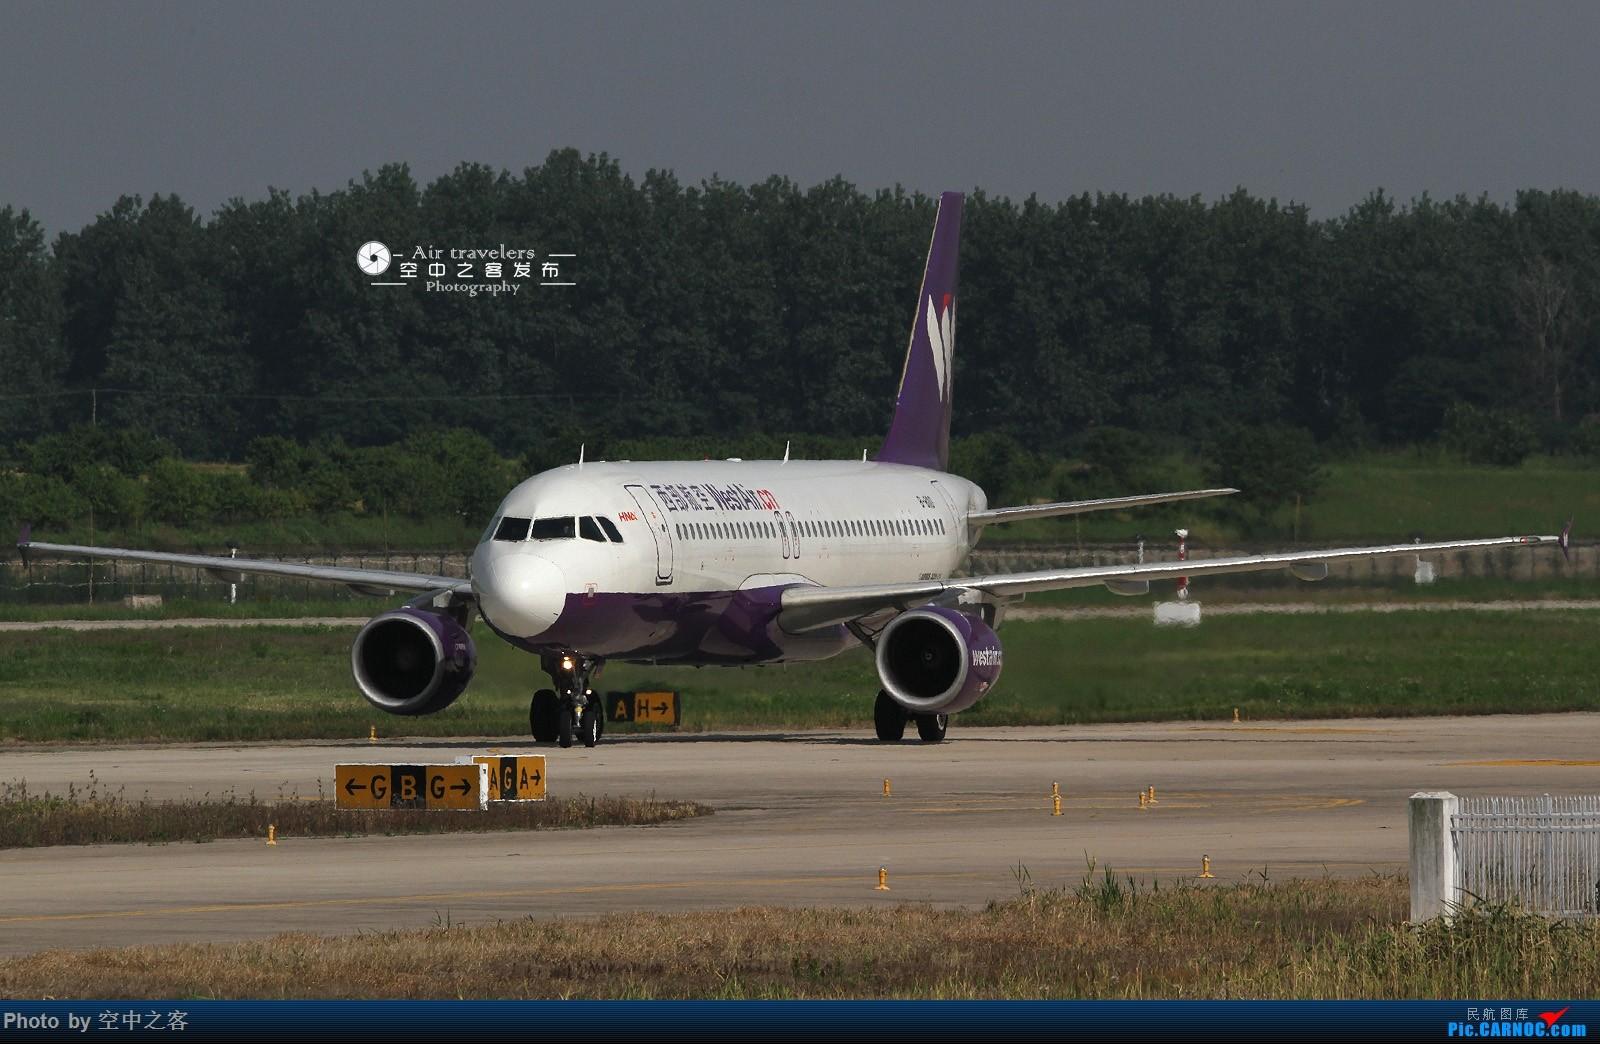 Re:[原创][合肥飞友会-霸都打机队 空中之客发布]@可口可乐 我发图啦! AIRBUS A320-200 B-8110 合肥新桥国际机场